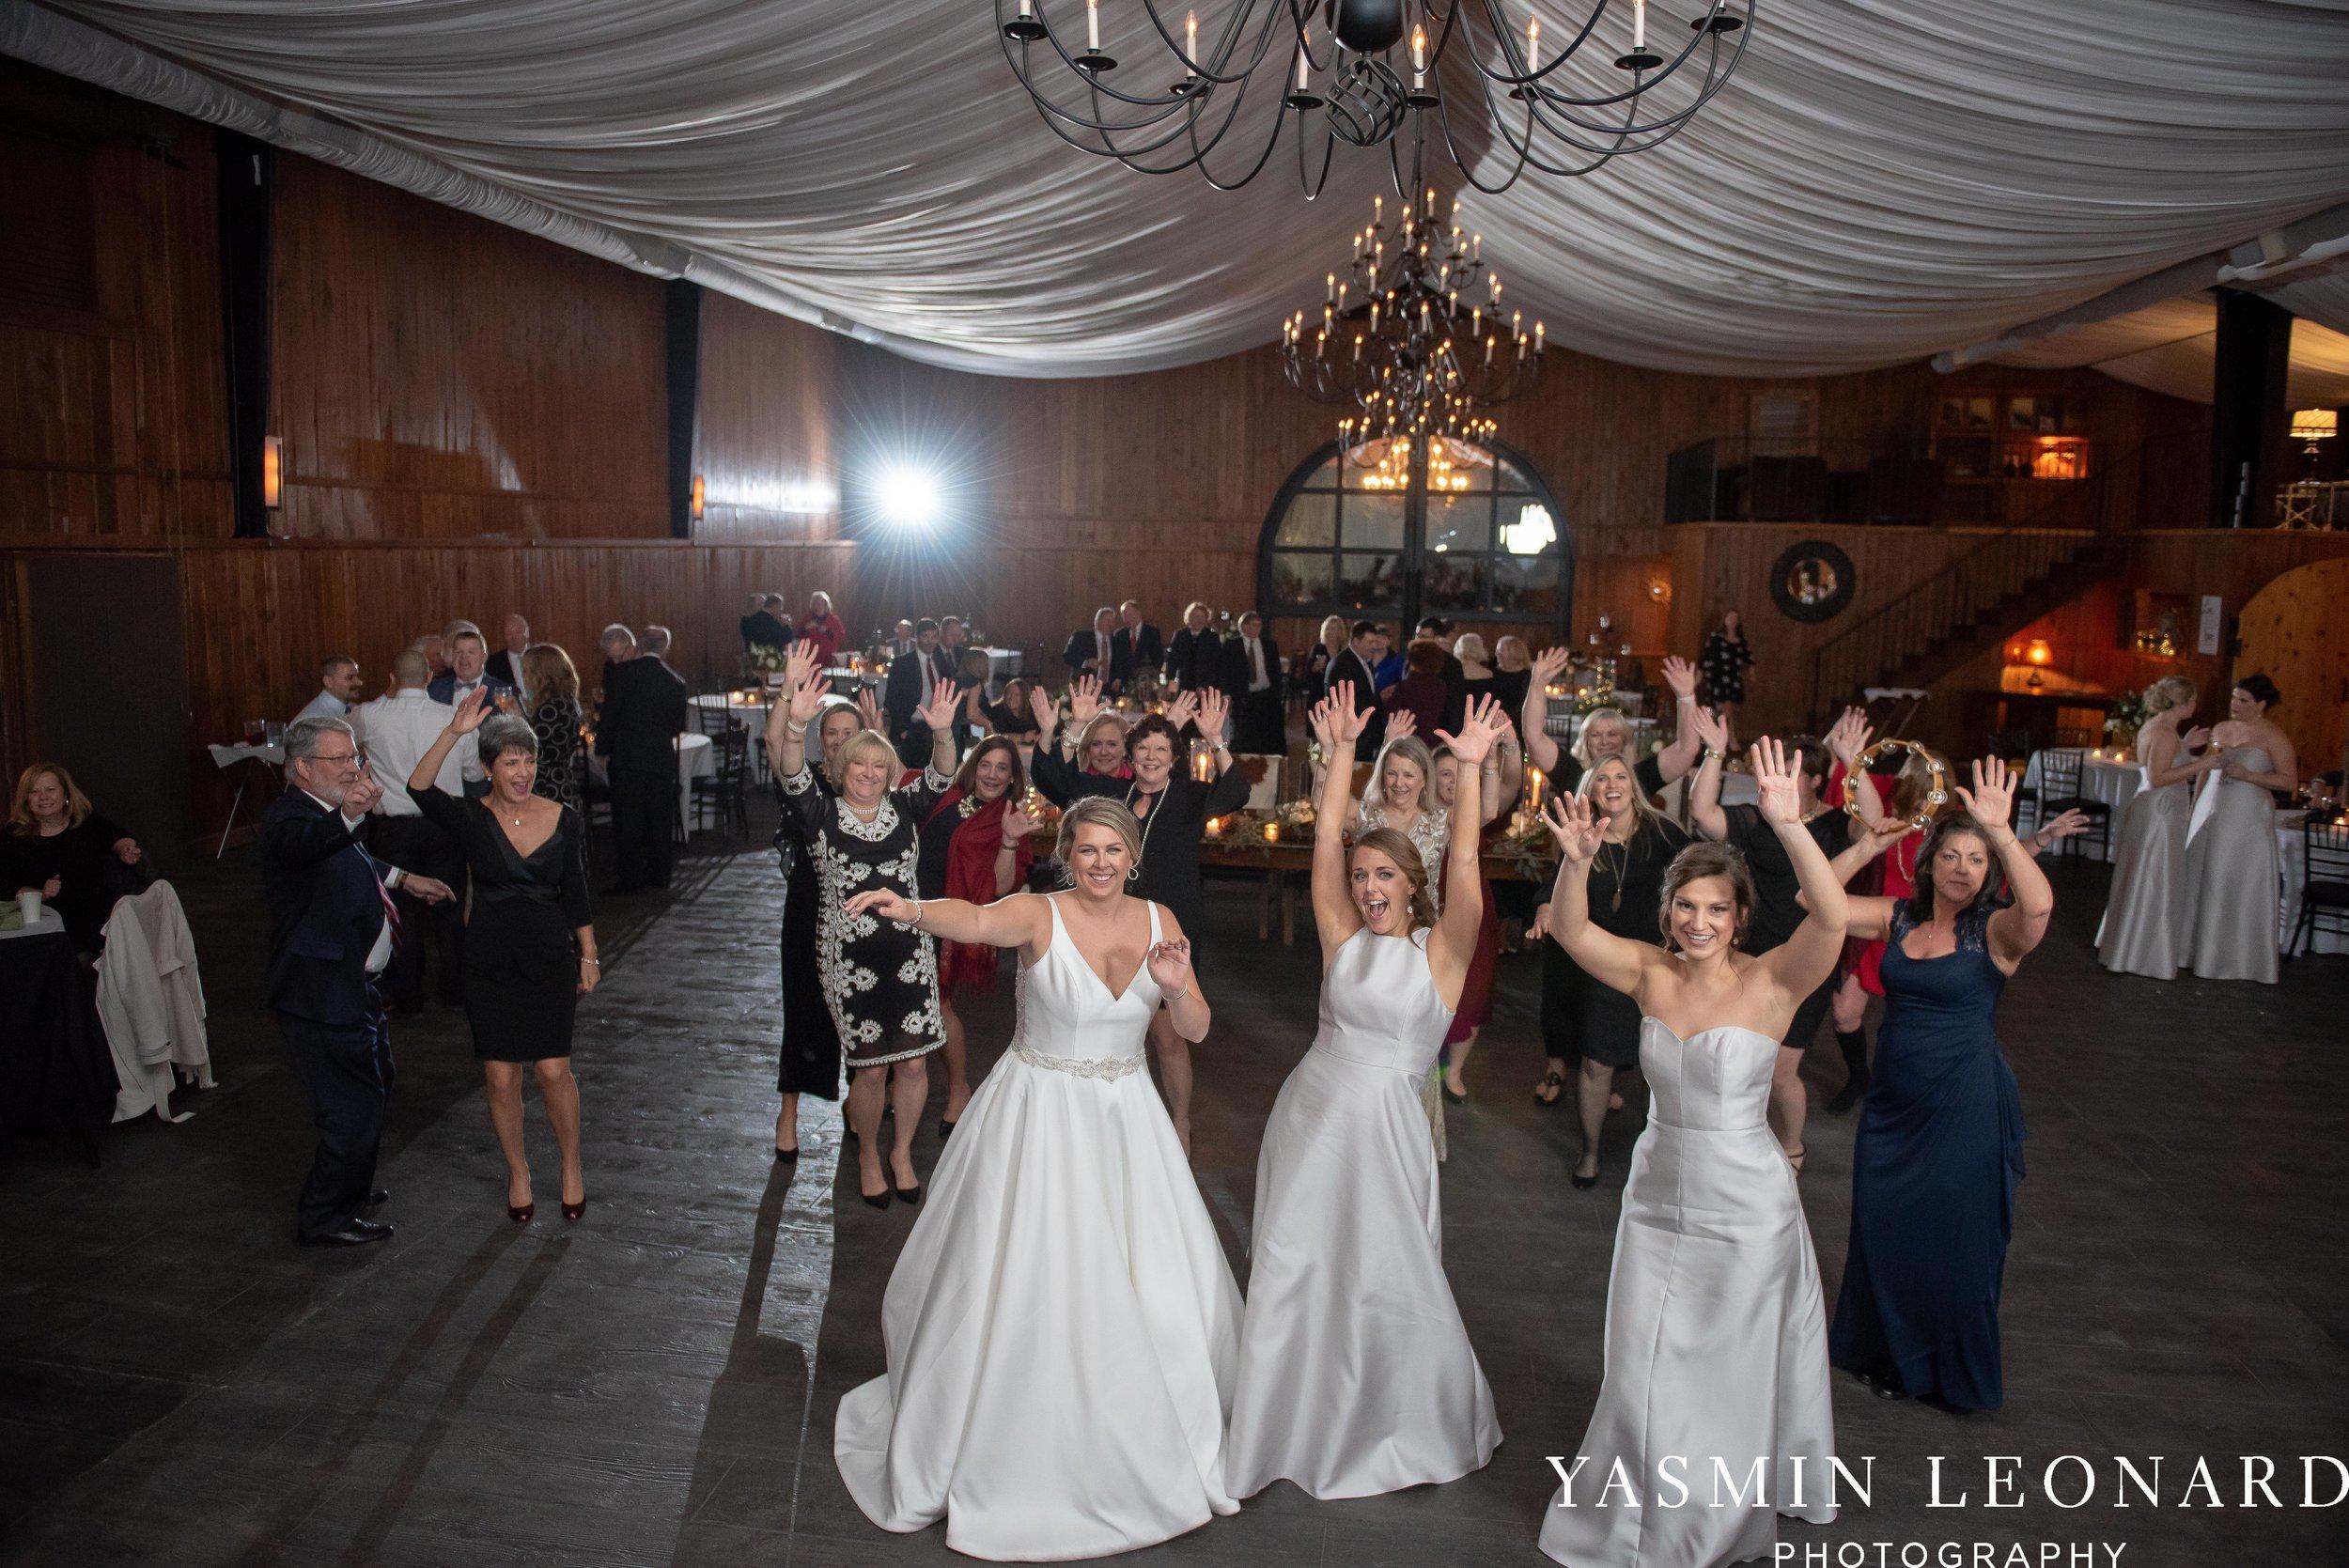 Adaumont Farm - Wesley Memorial Weddings - High Point Weddings - Just Priceless - NC Wedding Photographer - Yasmin Leonard Photography - High Point Wedding Vendors-68.jpg